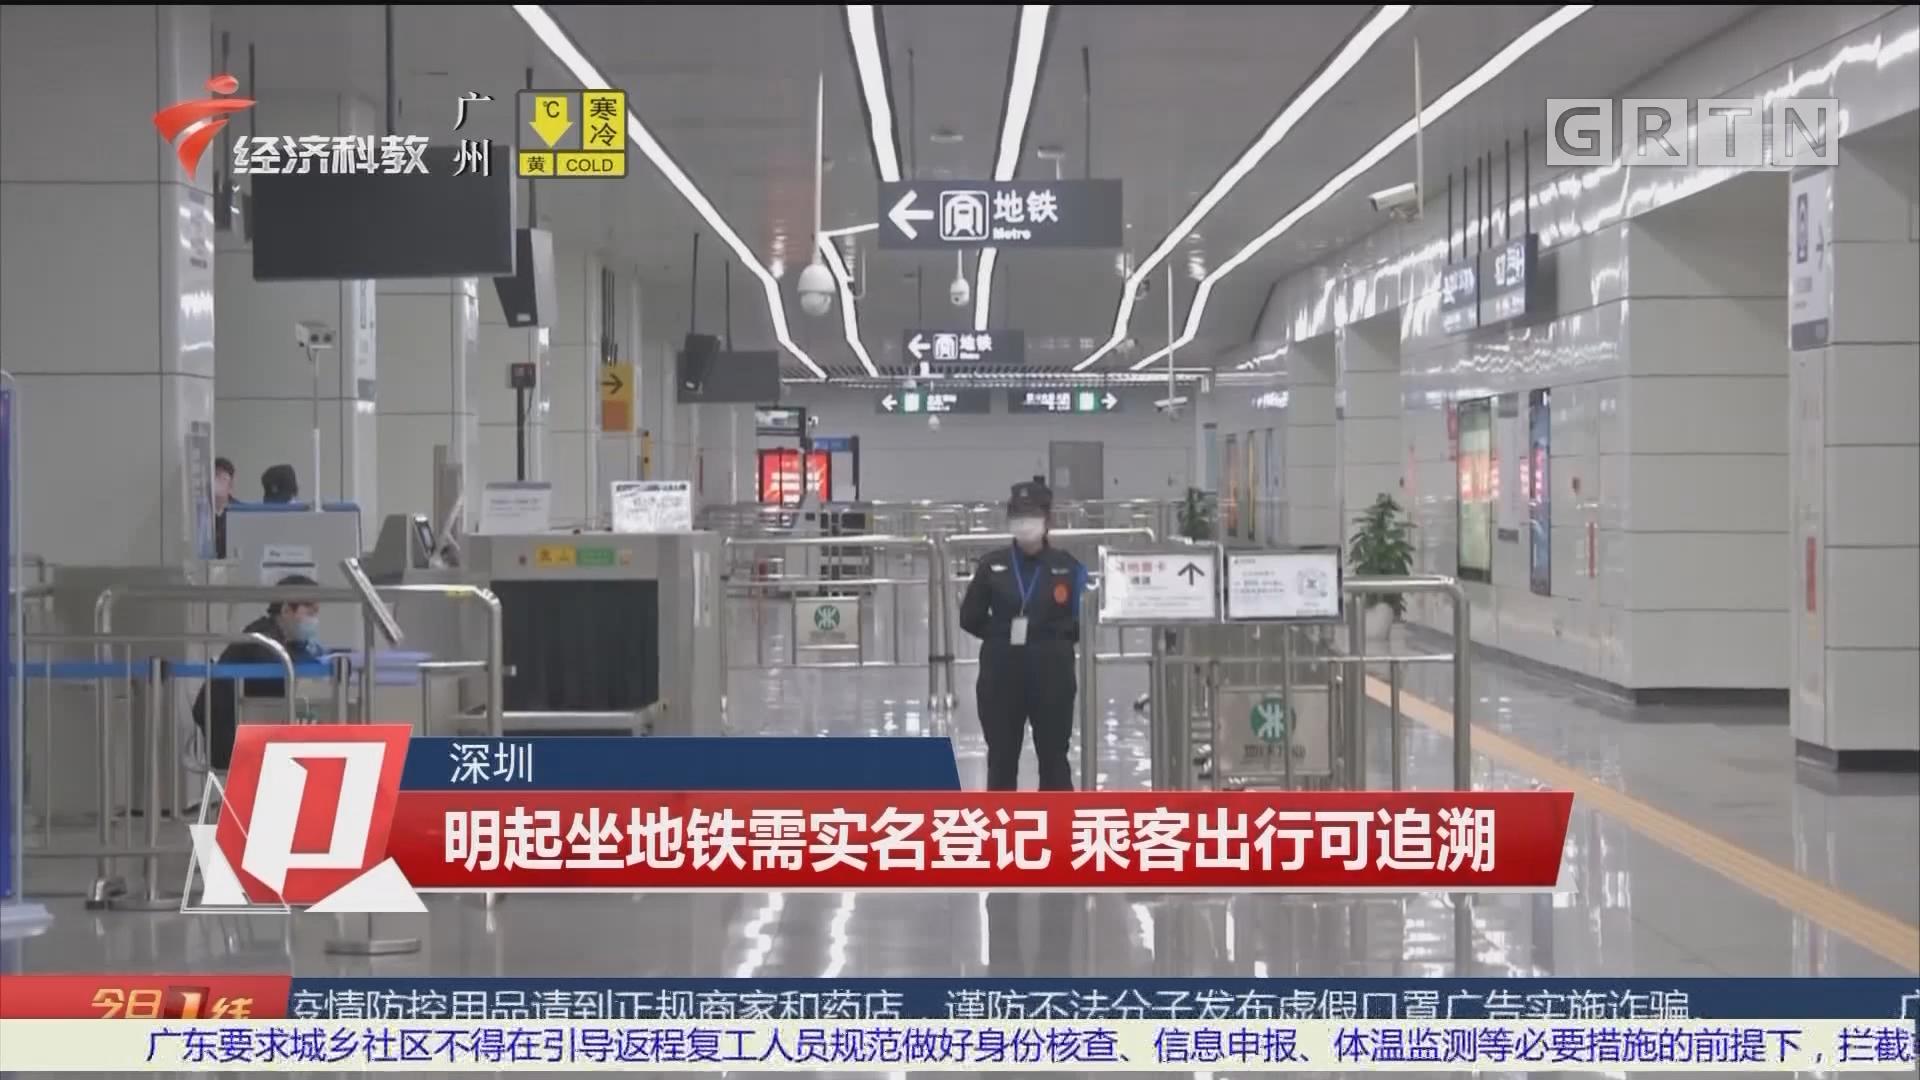 深圳 明起坐地铁需实名登记 乘客出行可追溯